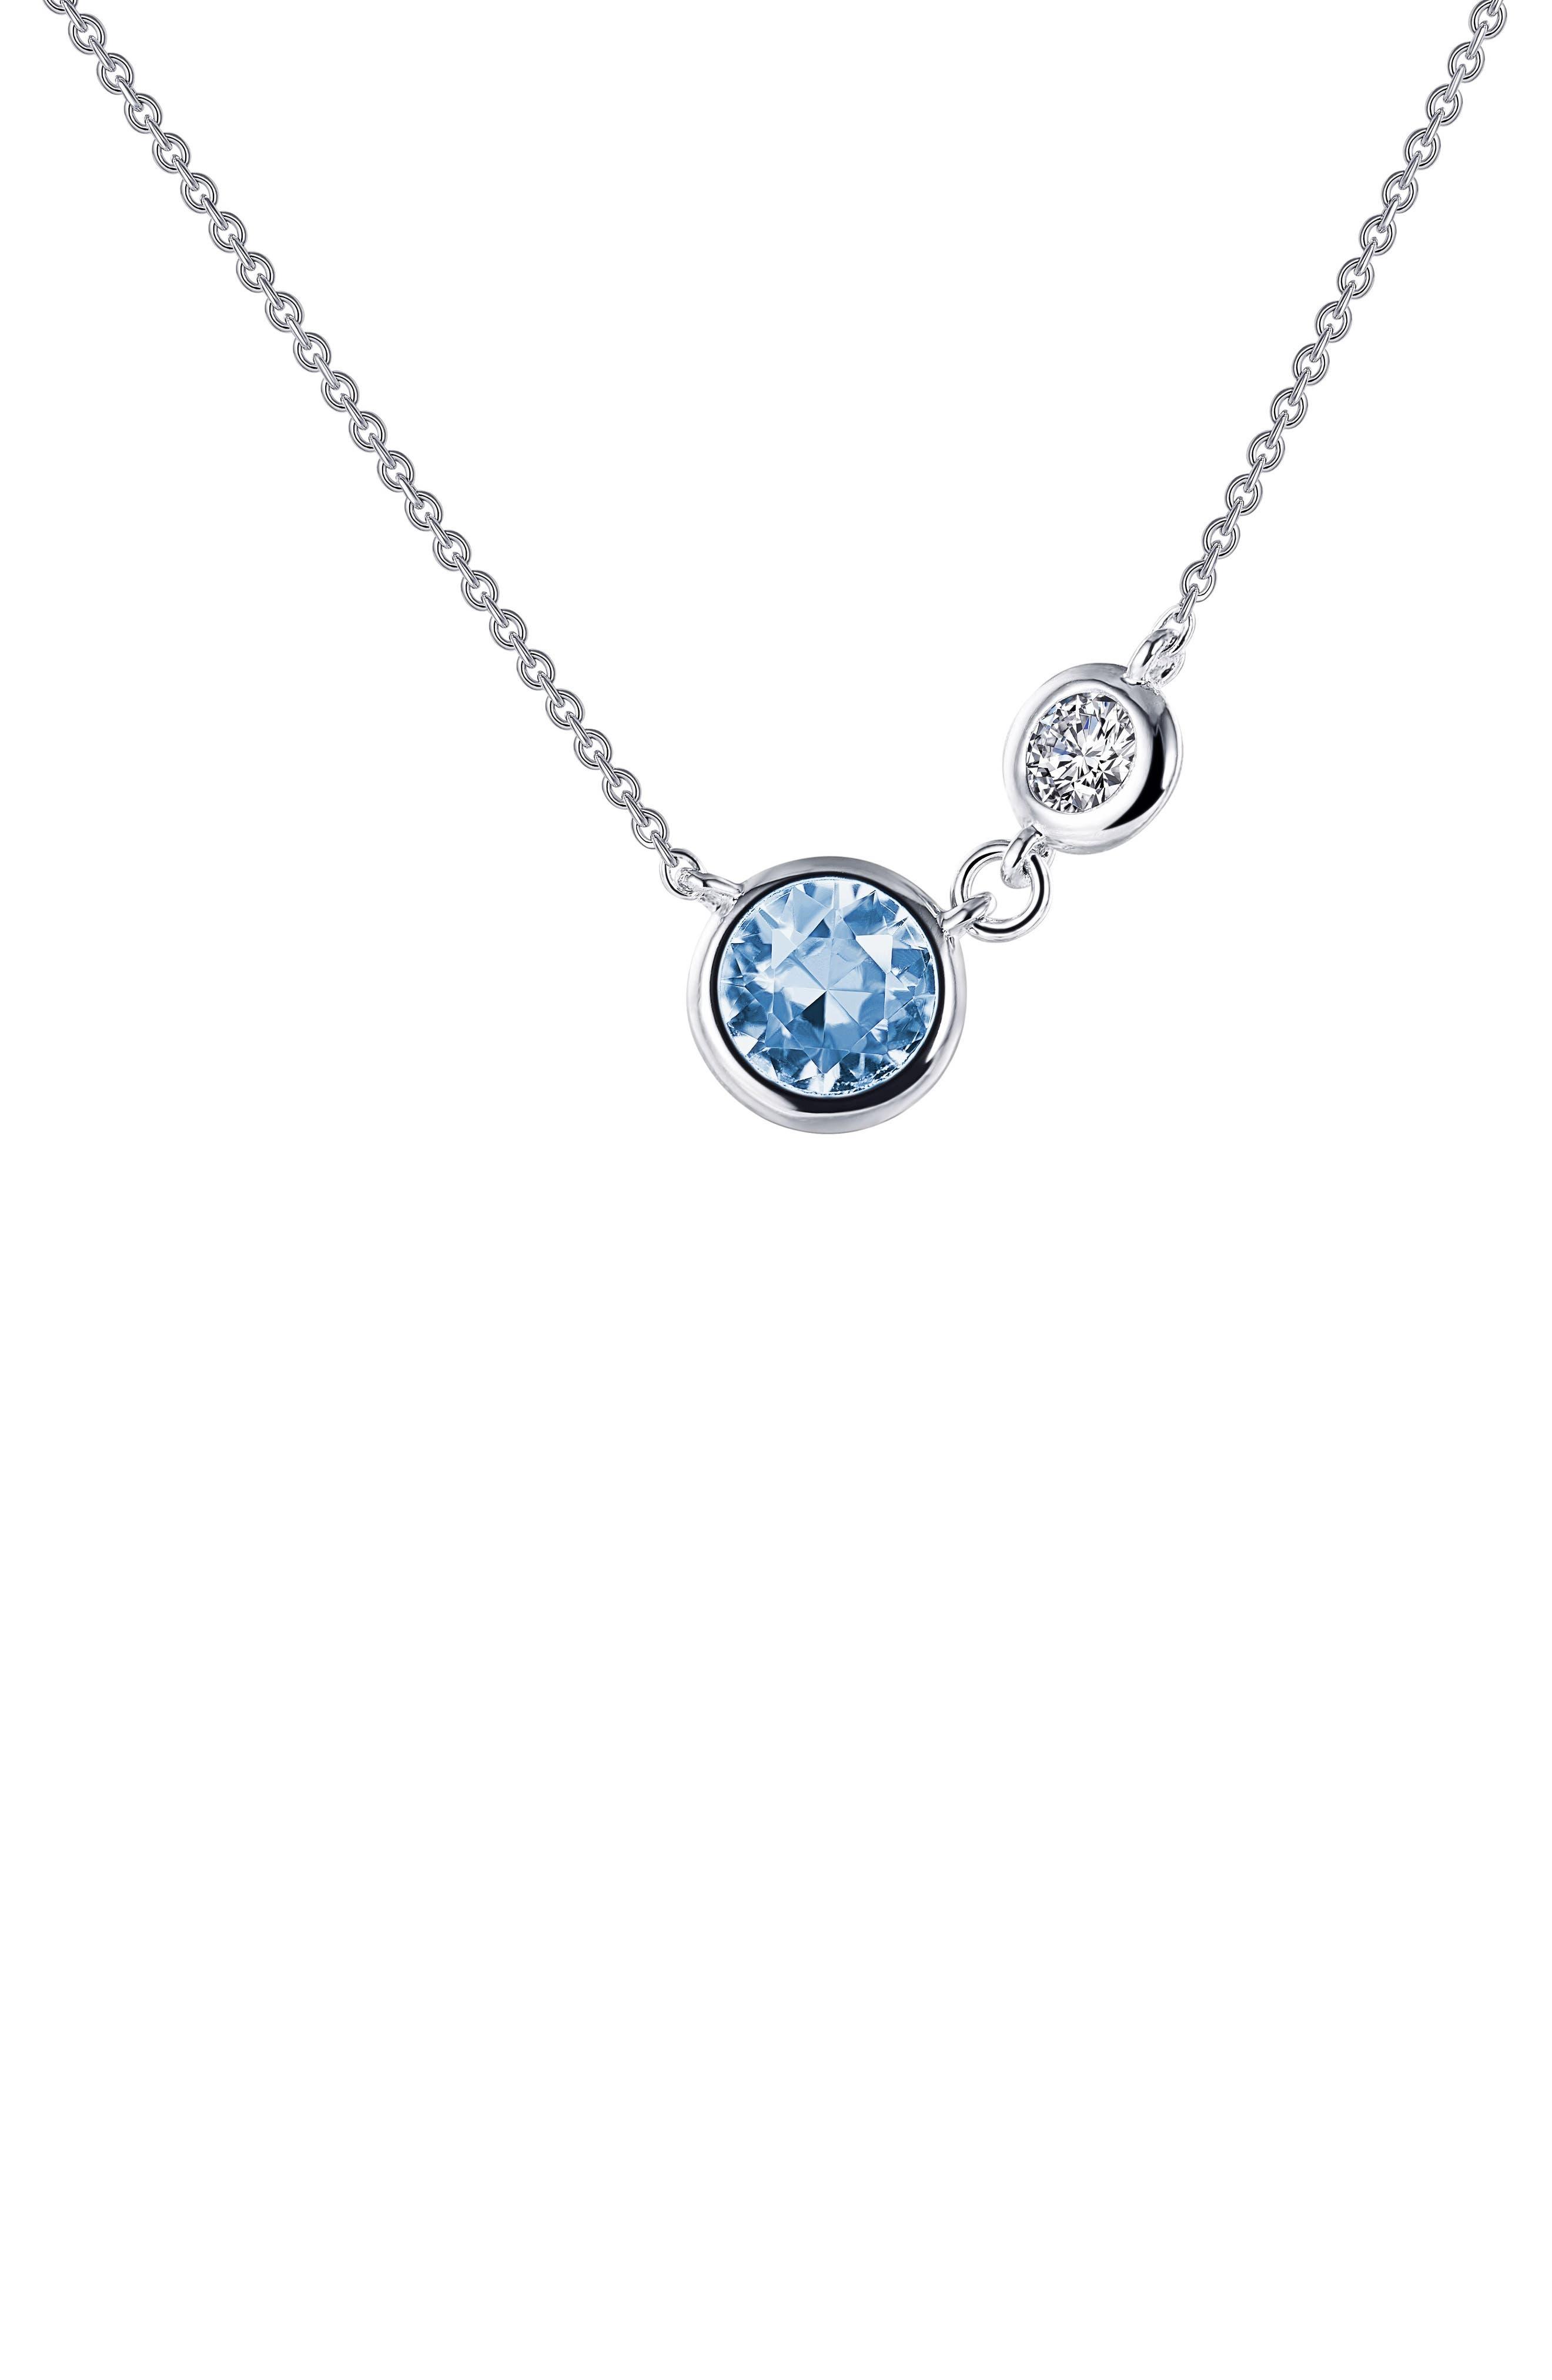 Simulated Aquamarine Necklace